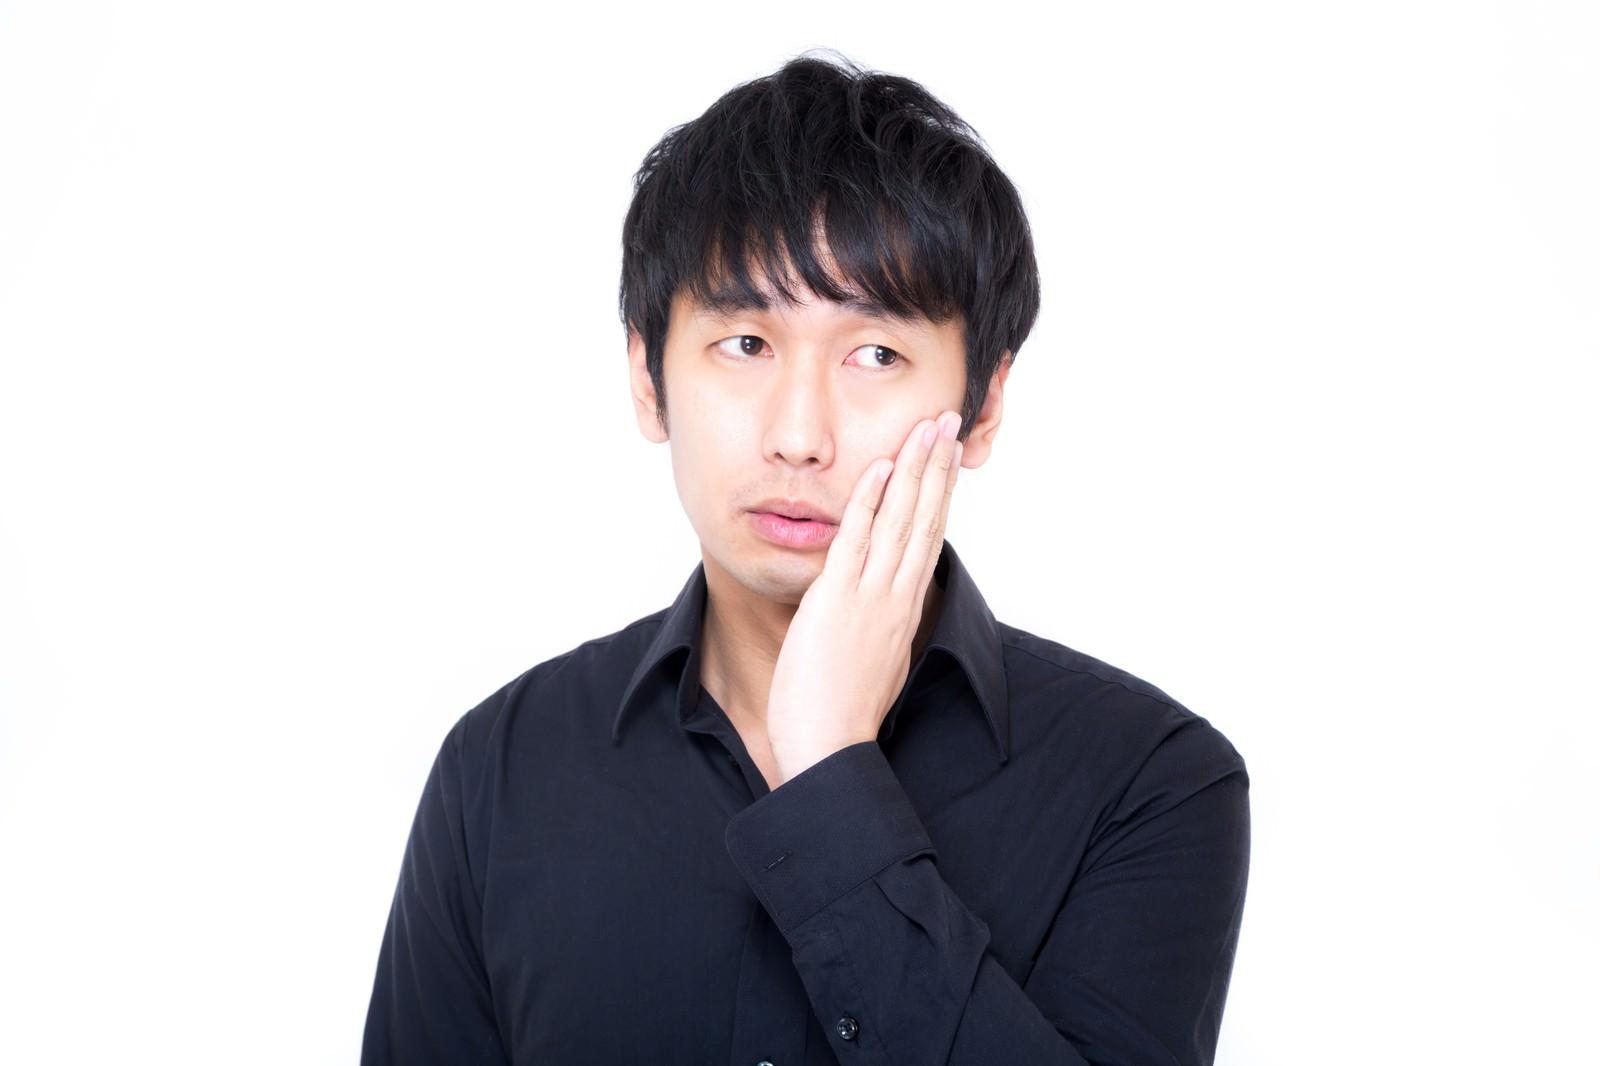 「視線を外し虫歯ポーズでキメるセミプロモデル視線を外し虫歯ポーズでキメるセミプロモデル」[モデル:大川竜弥]のフリー写真素材を拡大